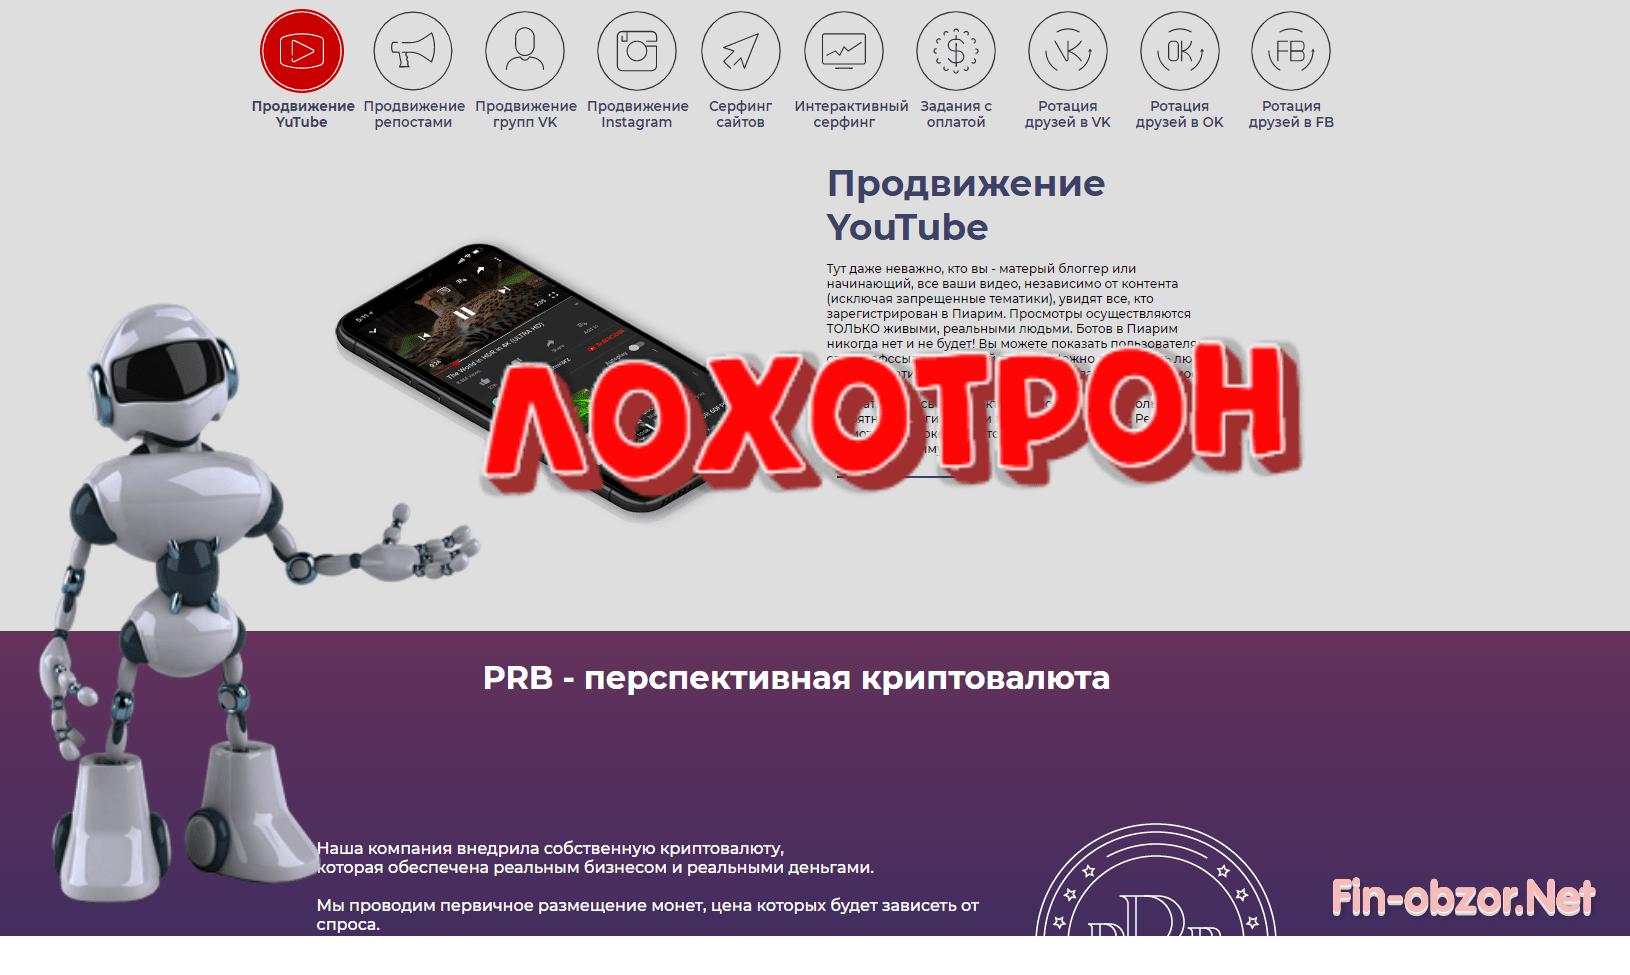 Социальная бизнес сеть PiarimBiz. Обзор и отзывы о piarim.biz